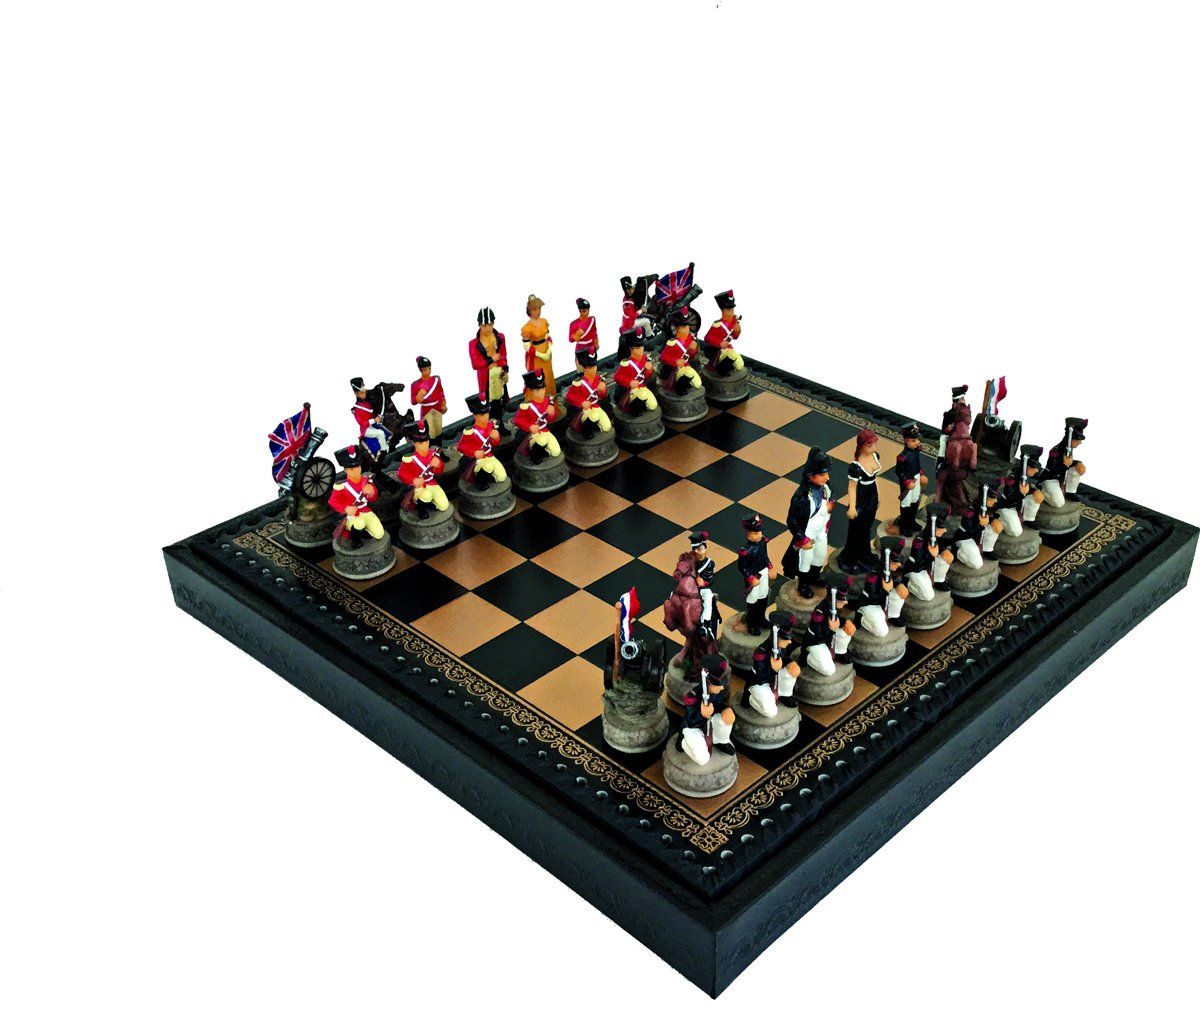 Luxe schaakset - Handbeschilderde Napoleon Slag van Waterloo schaakstukken + zwart / goud schaakbord met opbergbox (+ backgammon) - 35 x 35 cm